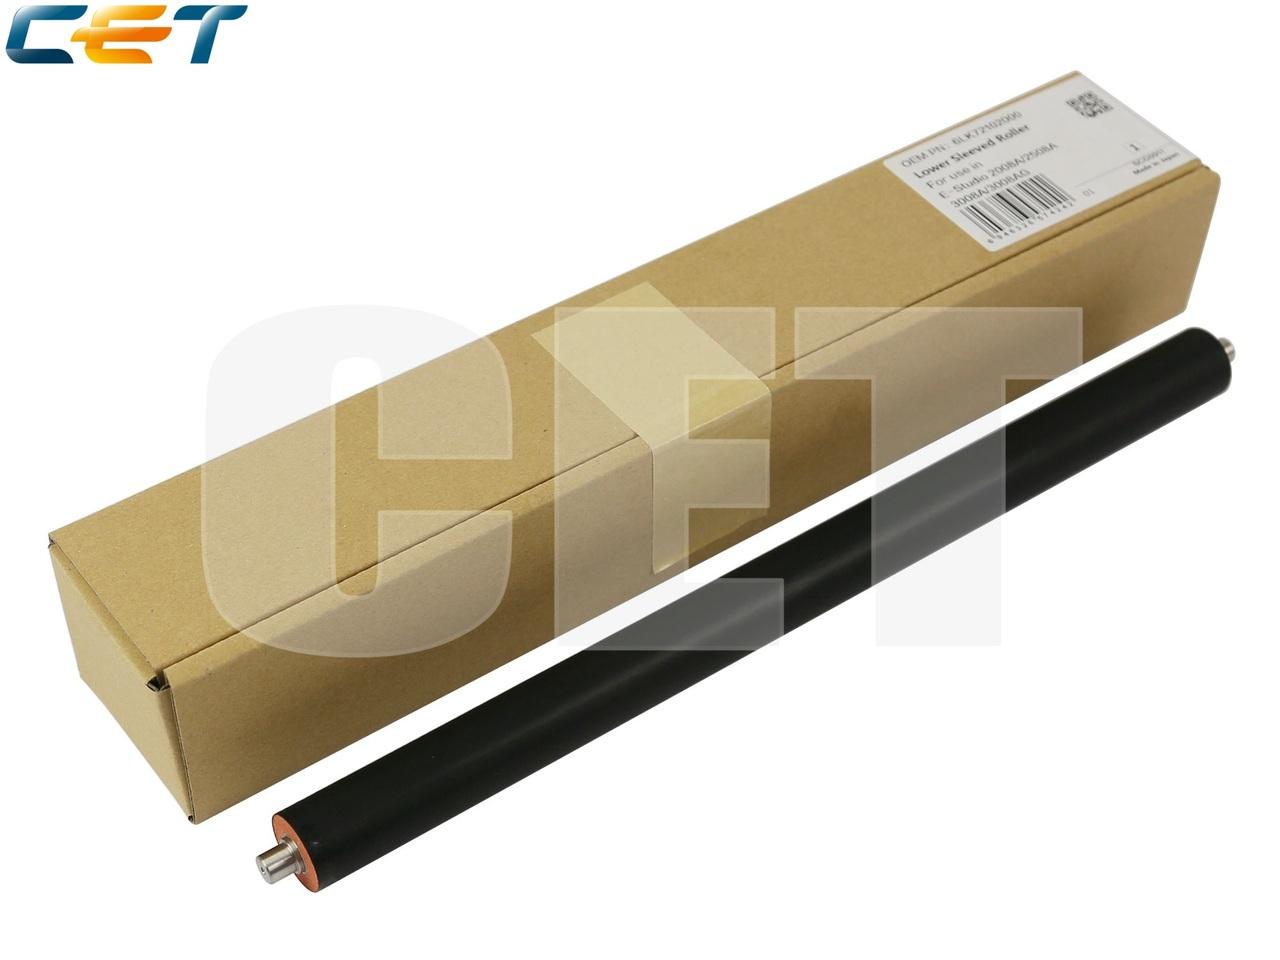 Резиновый вал 6LK72102000 для TOSHIBA E-Studio2008A/2508A/3008A/3008AG (CET), CET7424